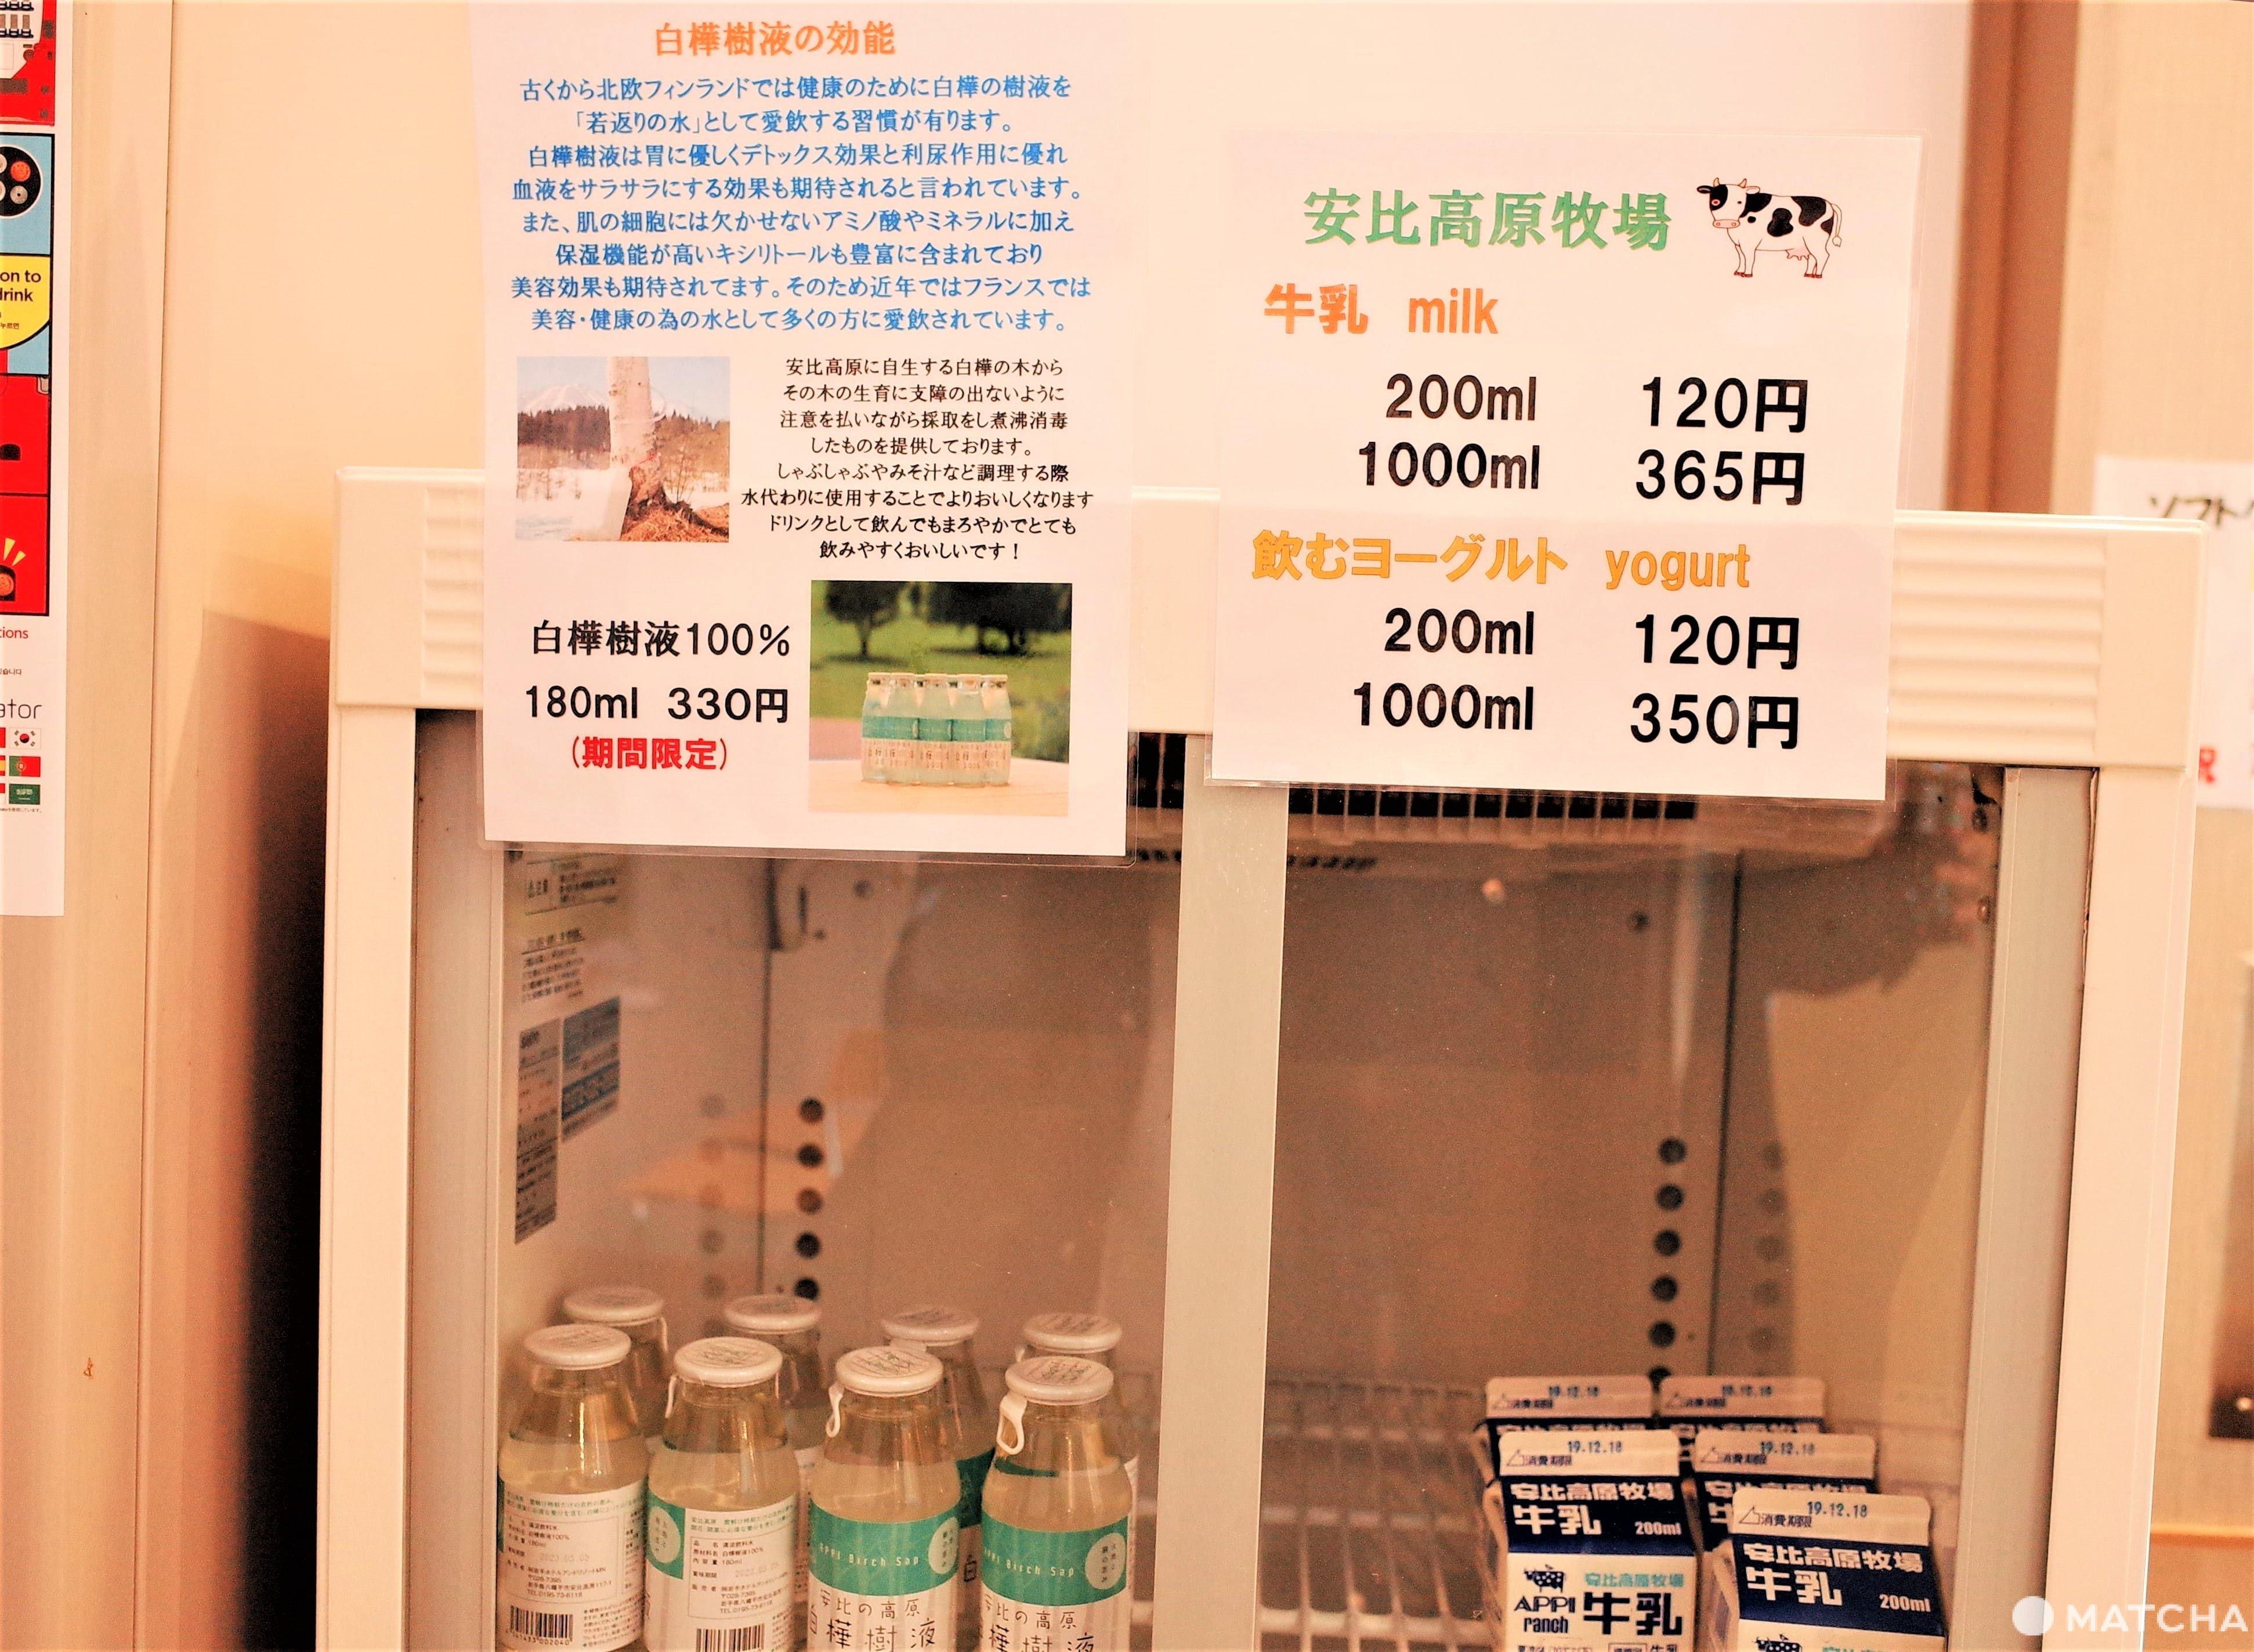 安比高原溫泉名產白樺樹液